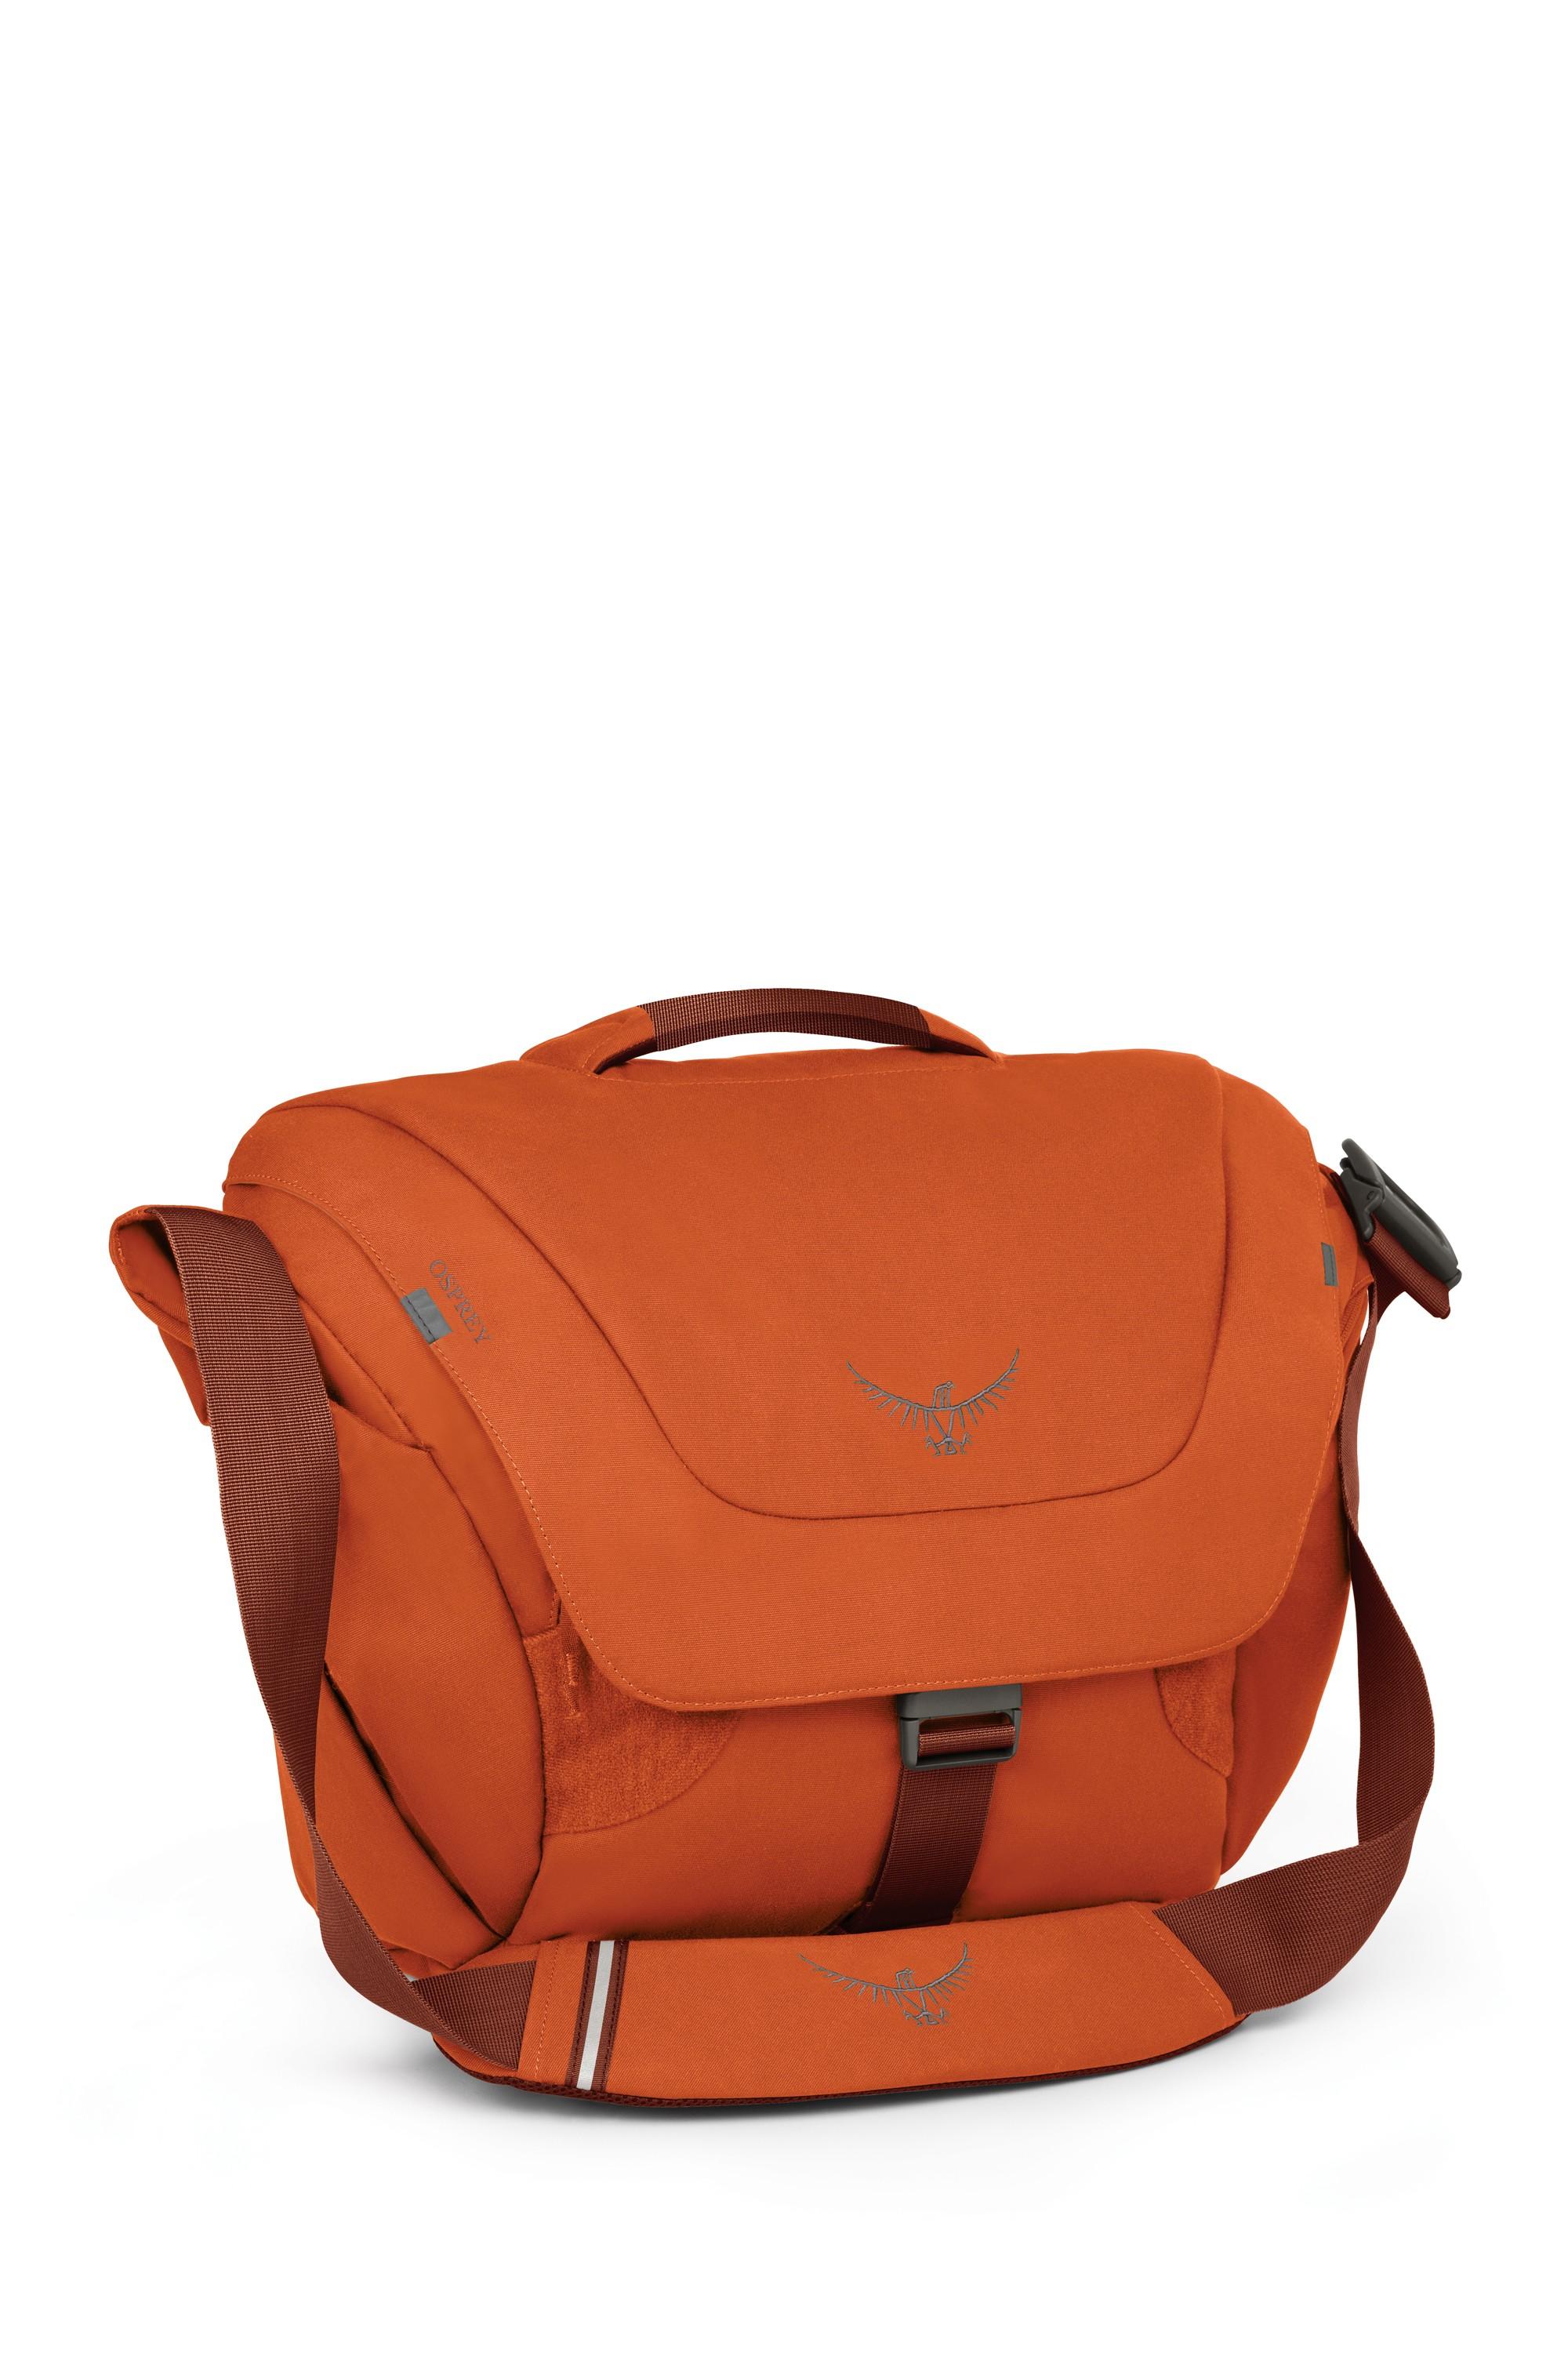 Taška Osprey Flap Jack Courier 2016 Barva: Burnt Orange